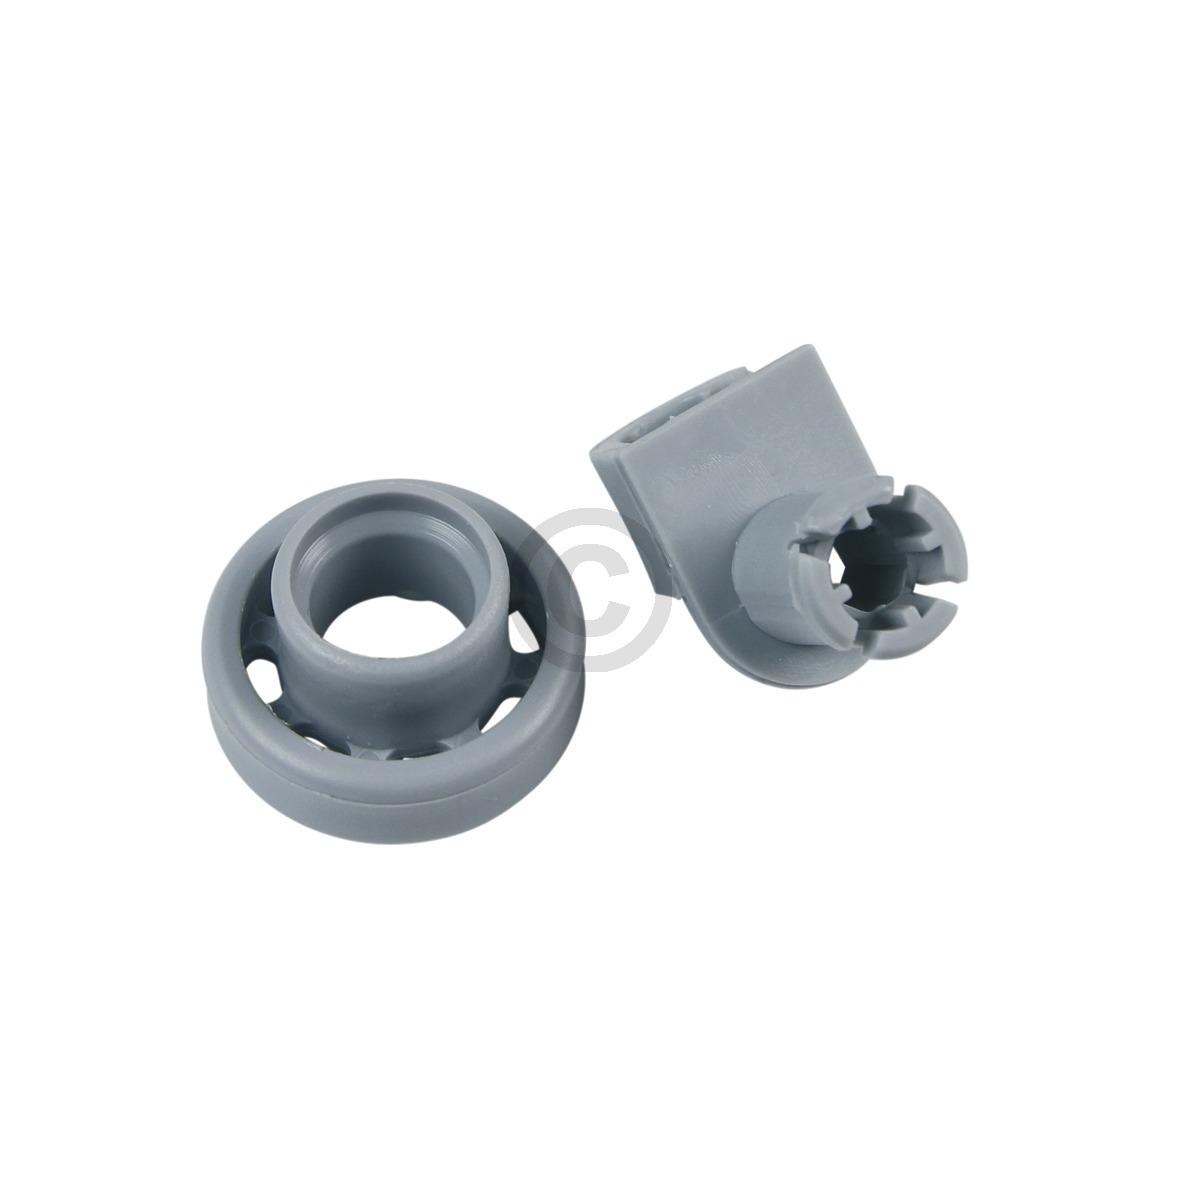 Korbrolle für Oberkorb, 1 Stück, AT! 00424717 424717 Bosch, Siemens, Neff